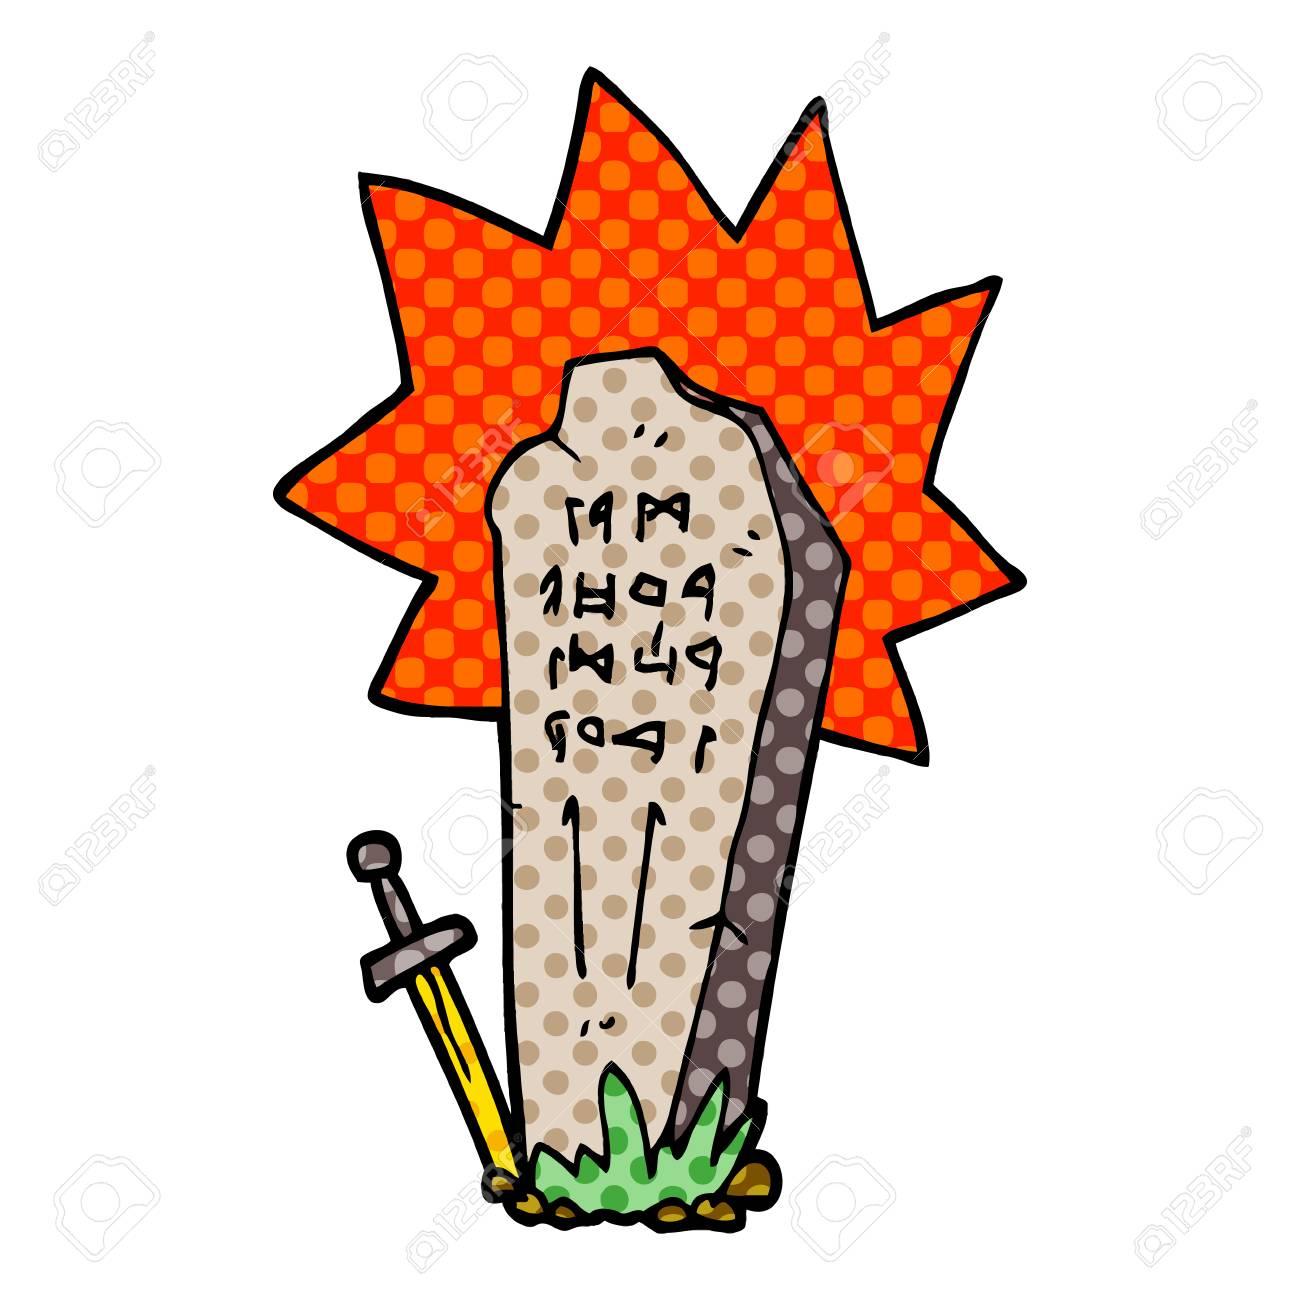 cartoon doodle heros grave - 110924955